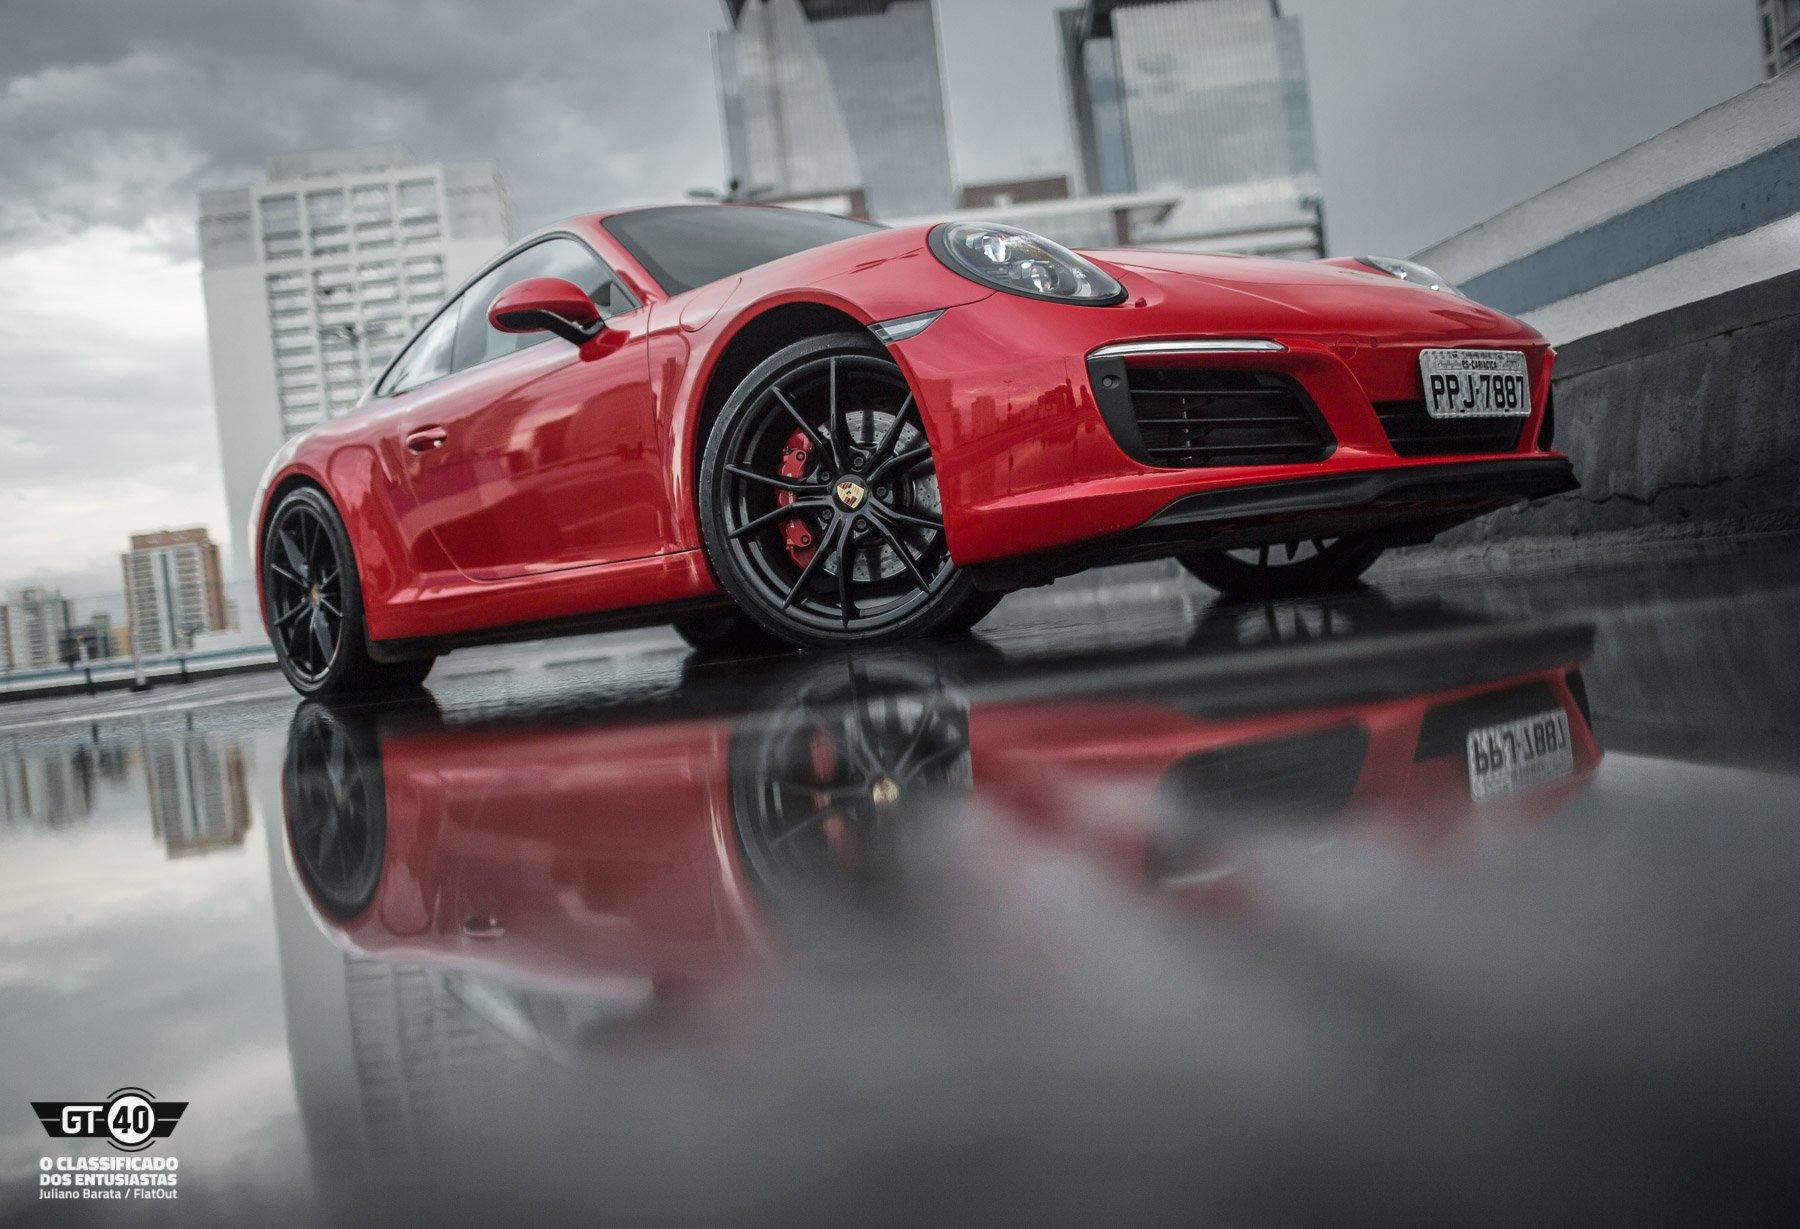 Porsche-Carrera-S-991-2-FlatOut-16